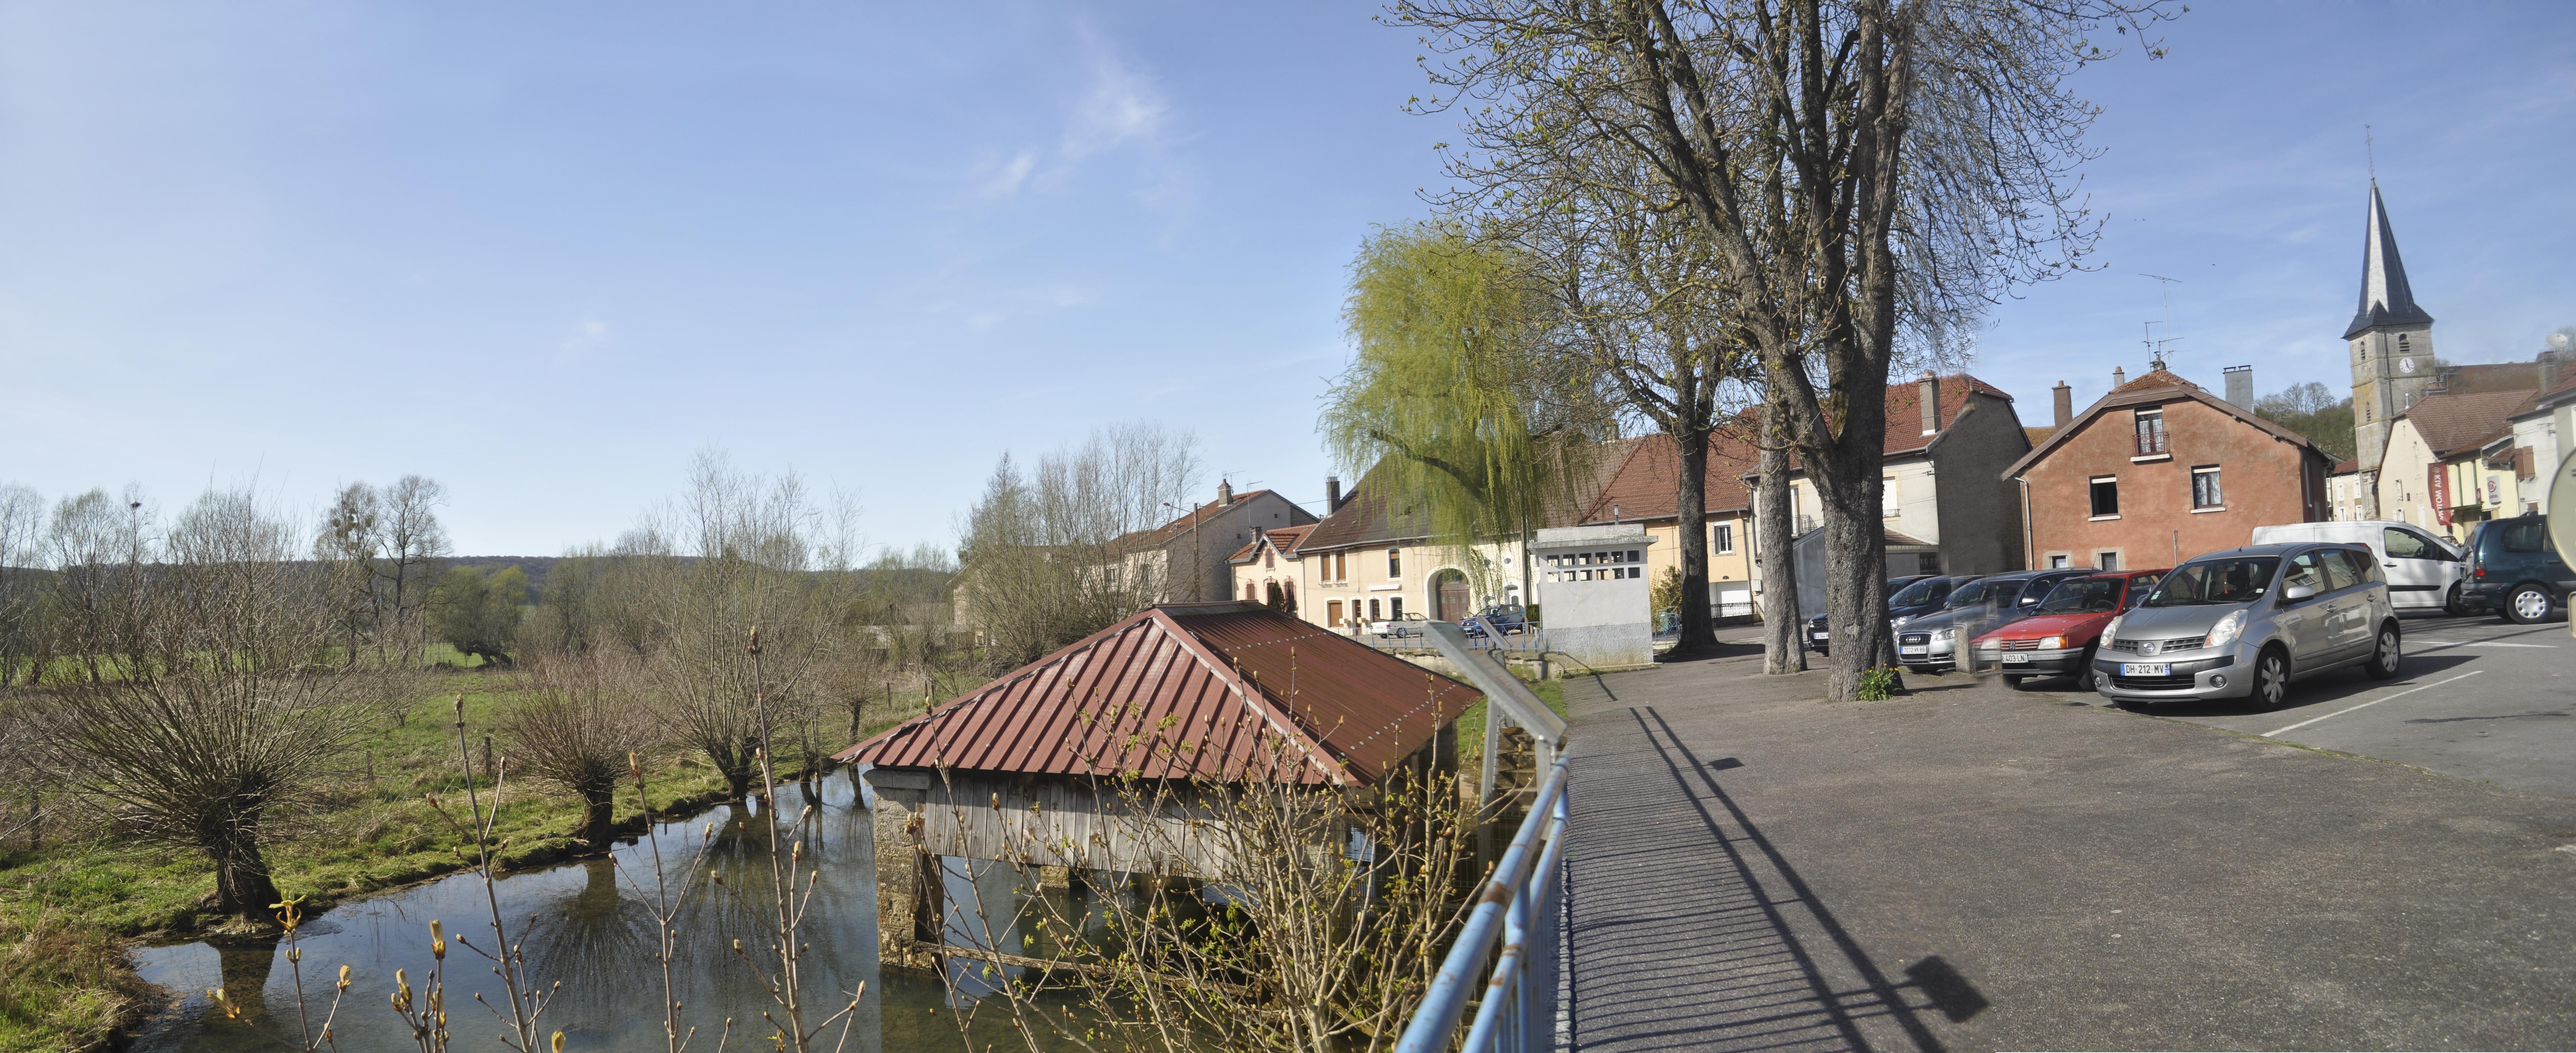 MEV_Rouceux_Place Lafayette